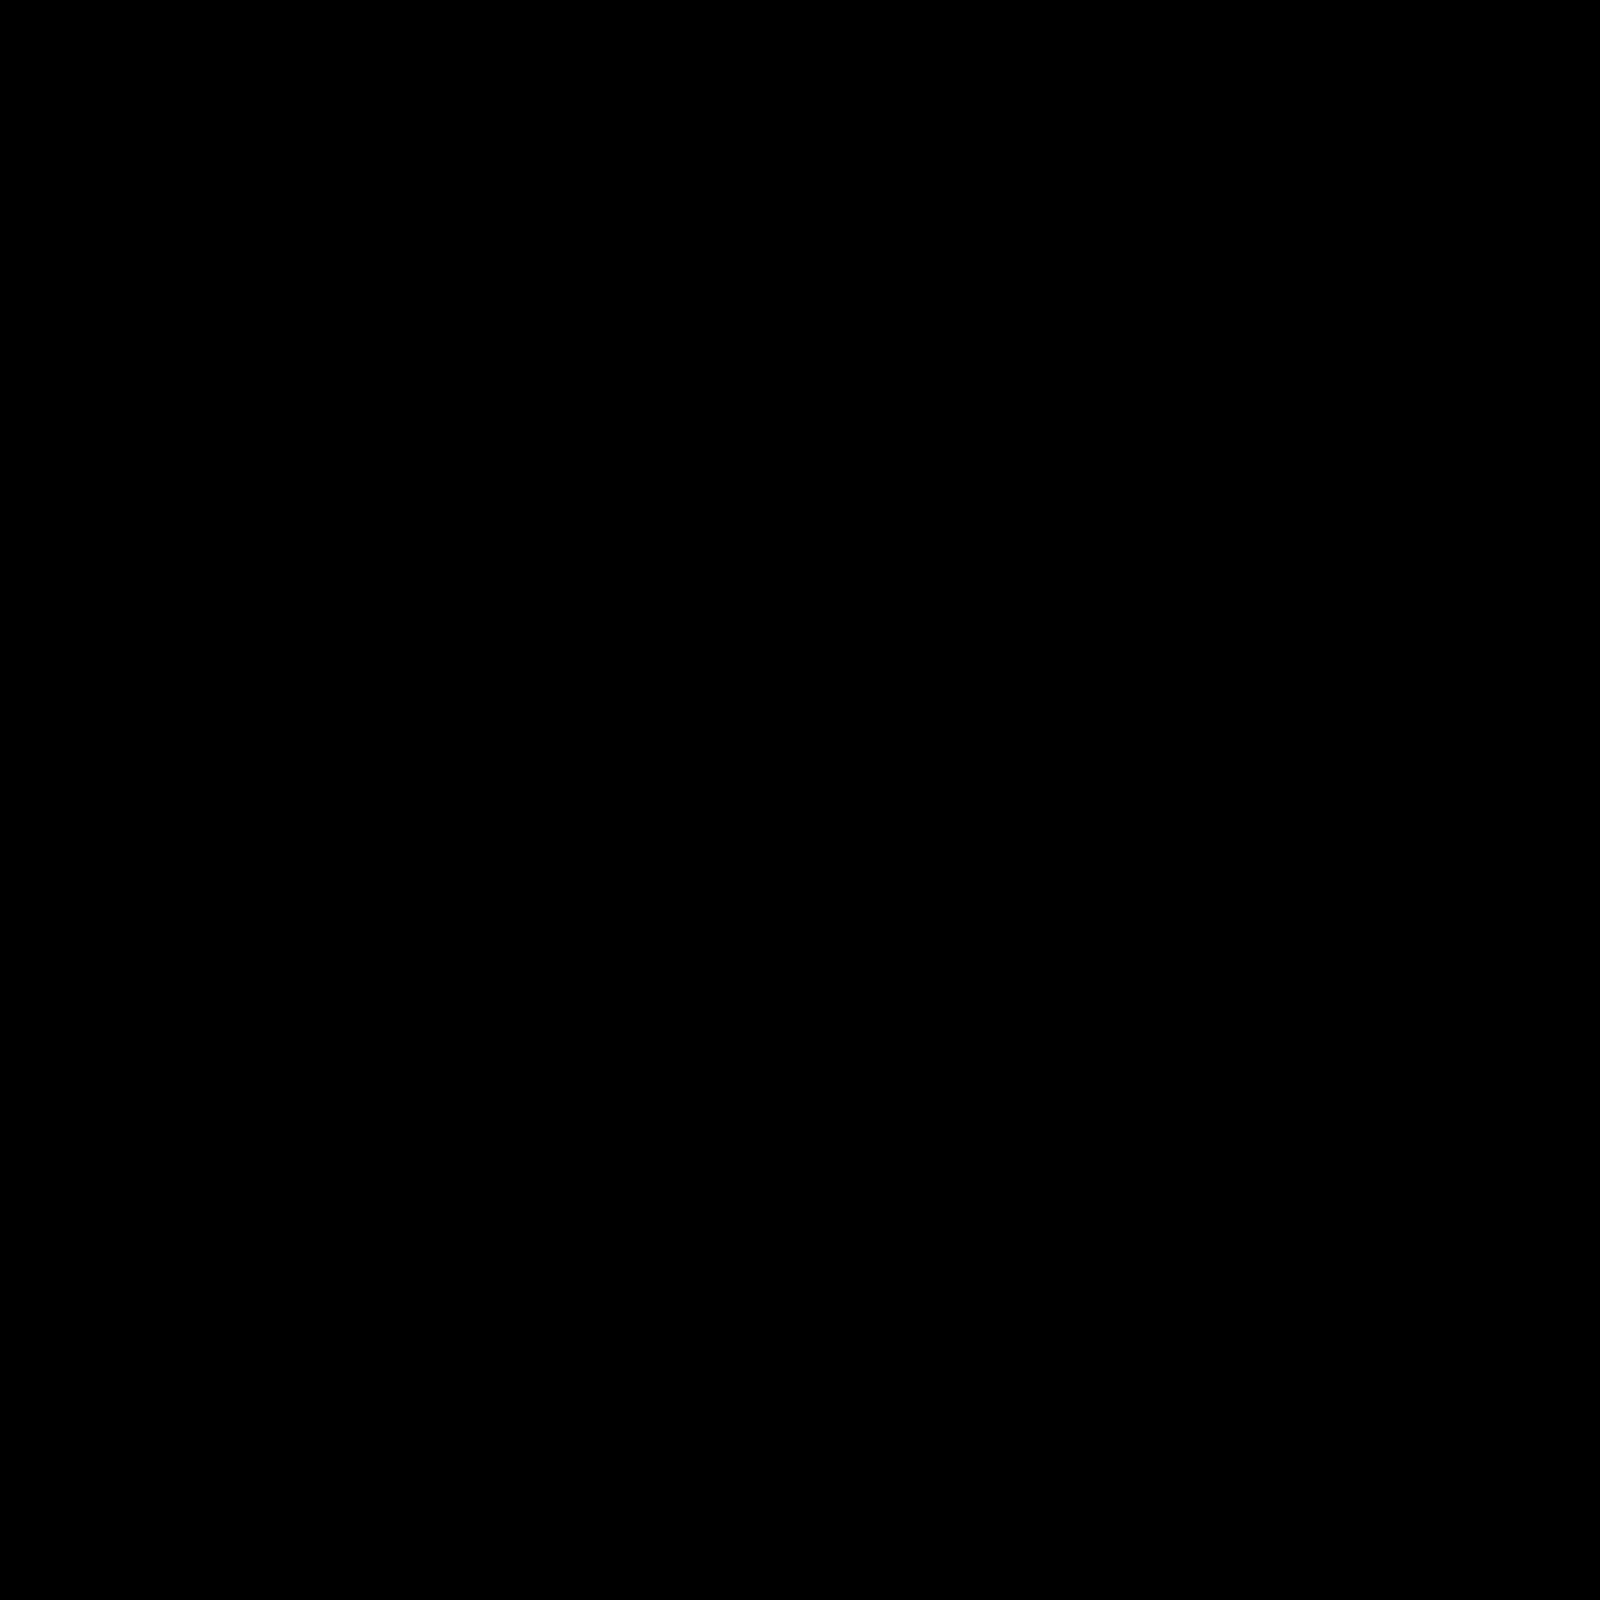 警告盾 icon